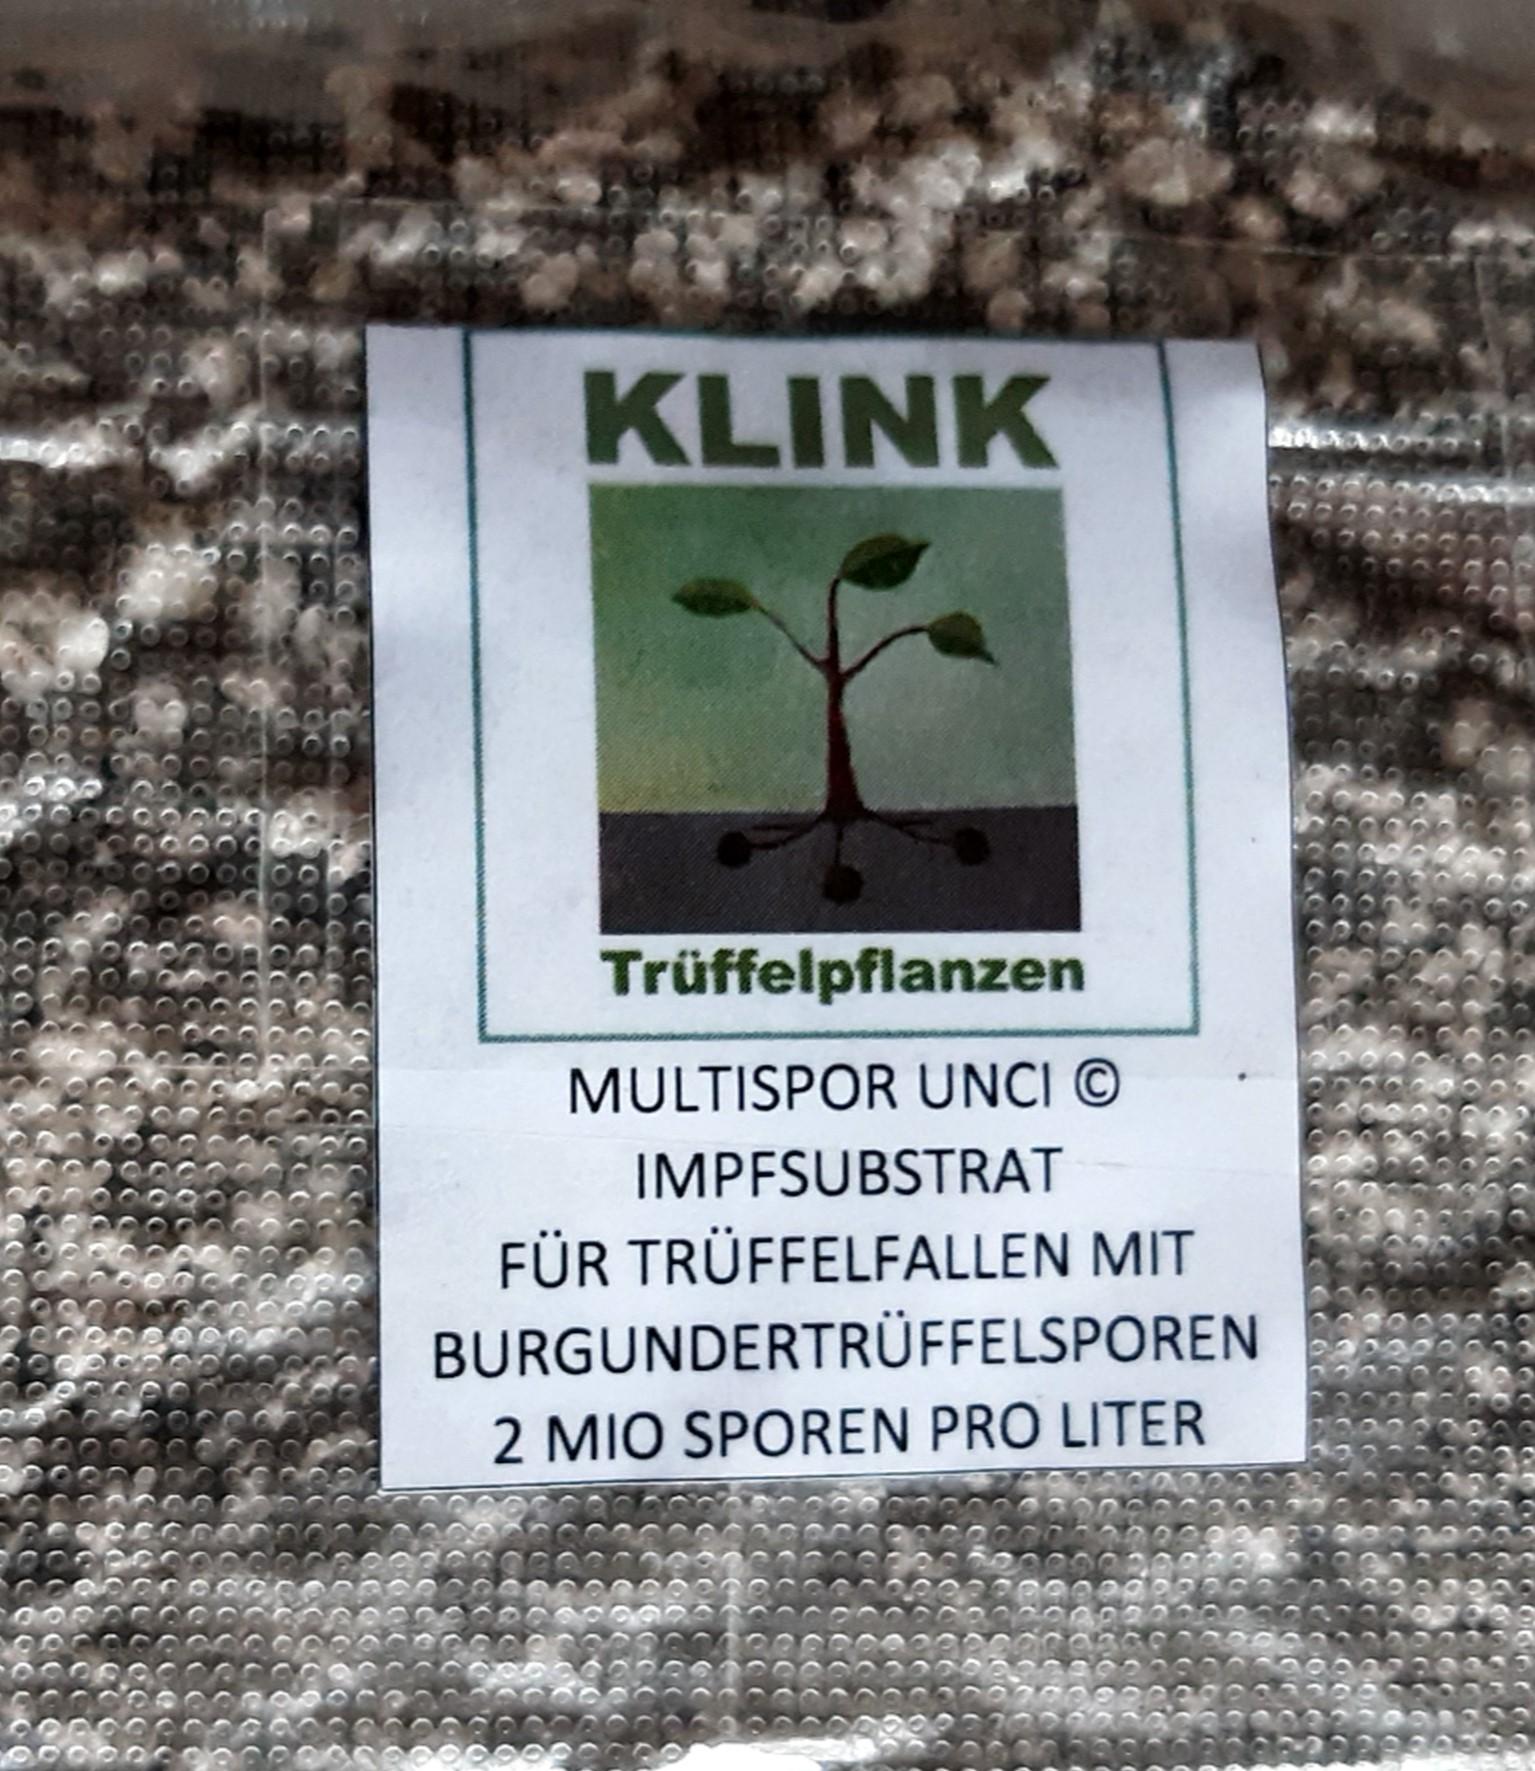 Multispor tuber aestivum/uncinatum